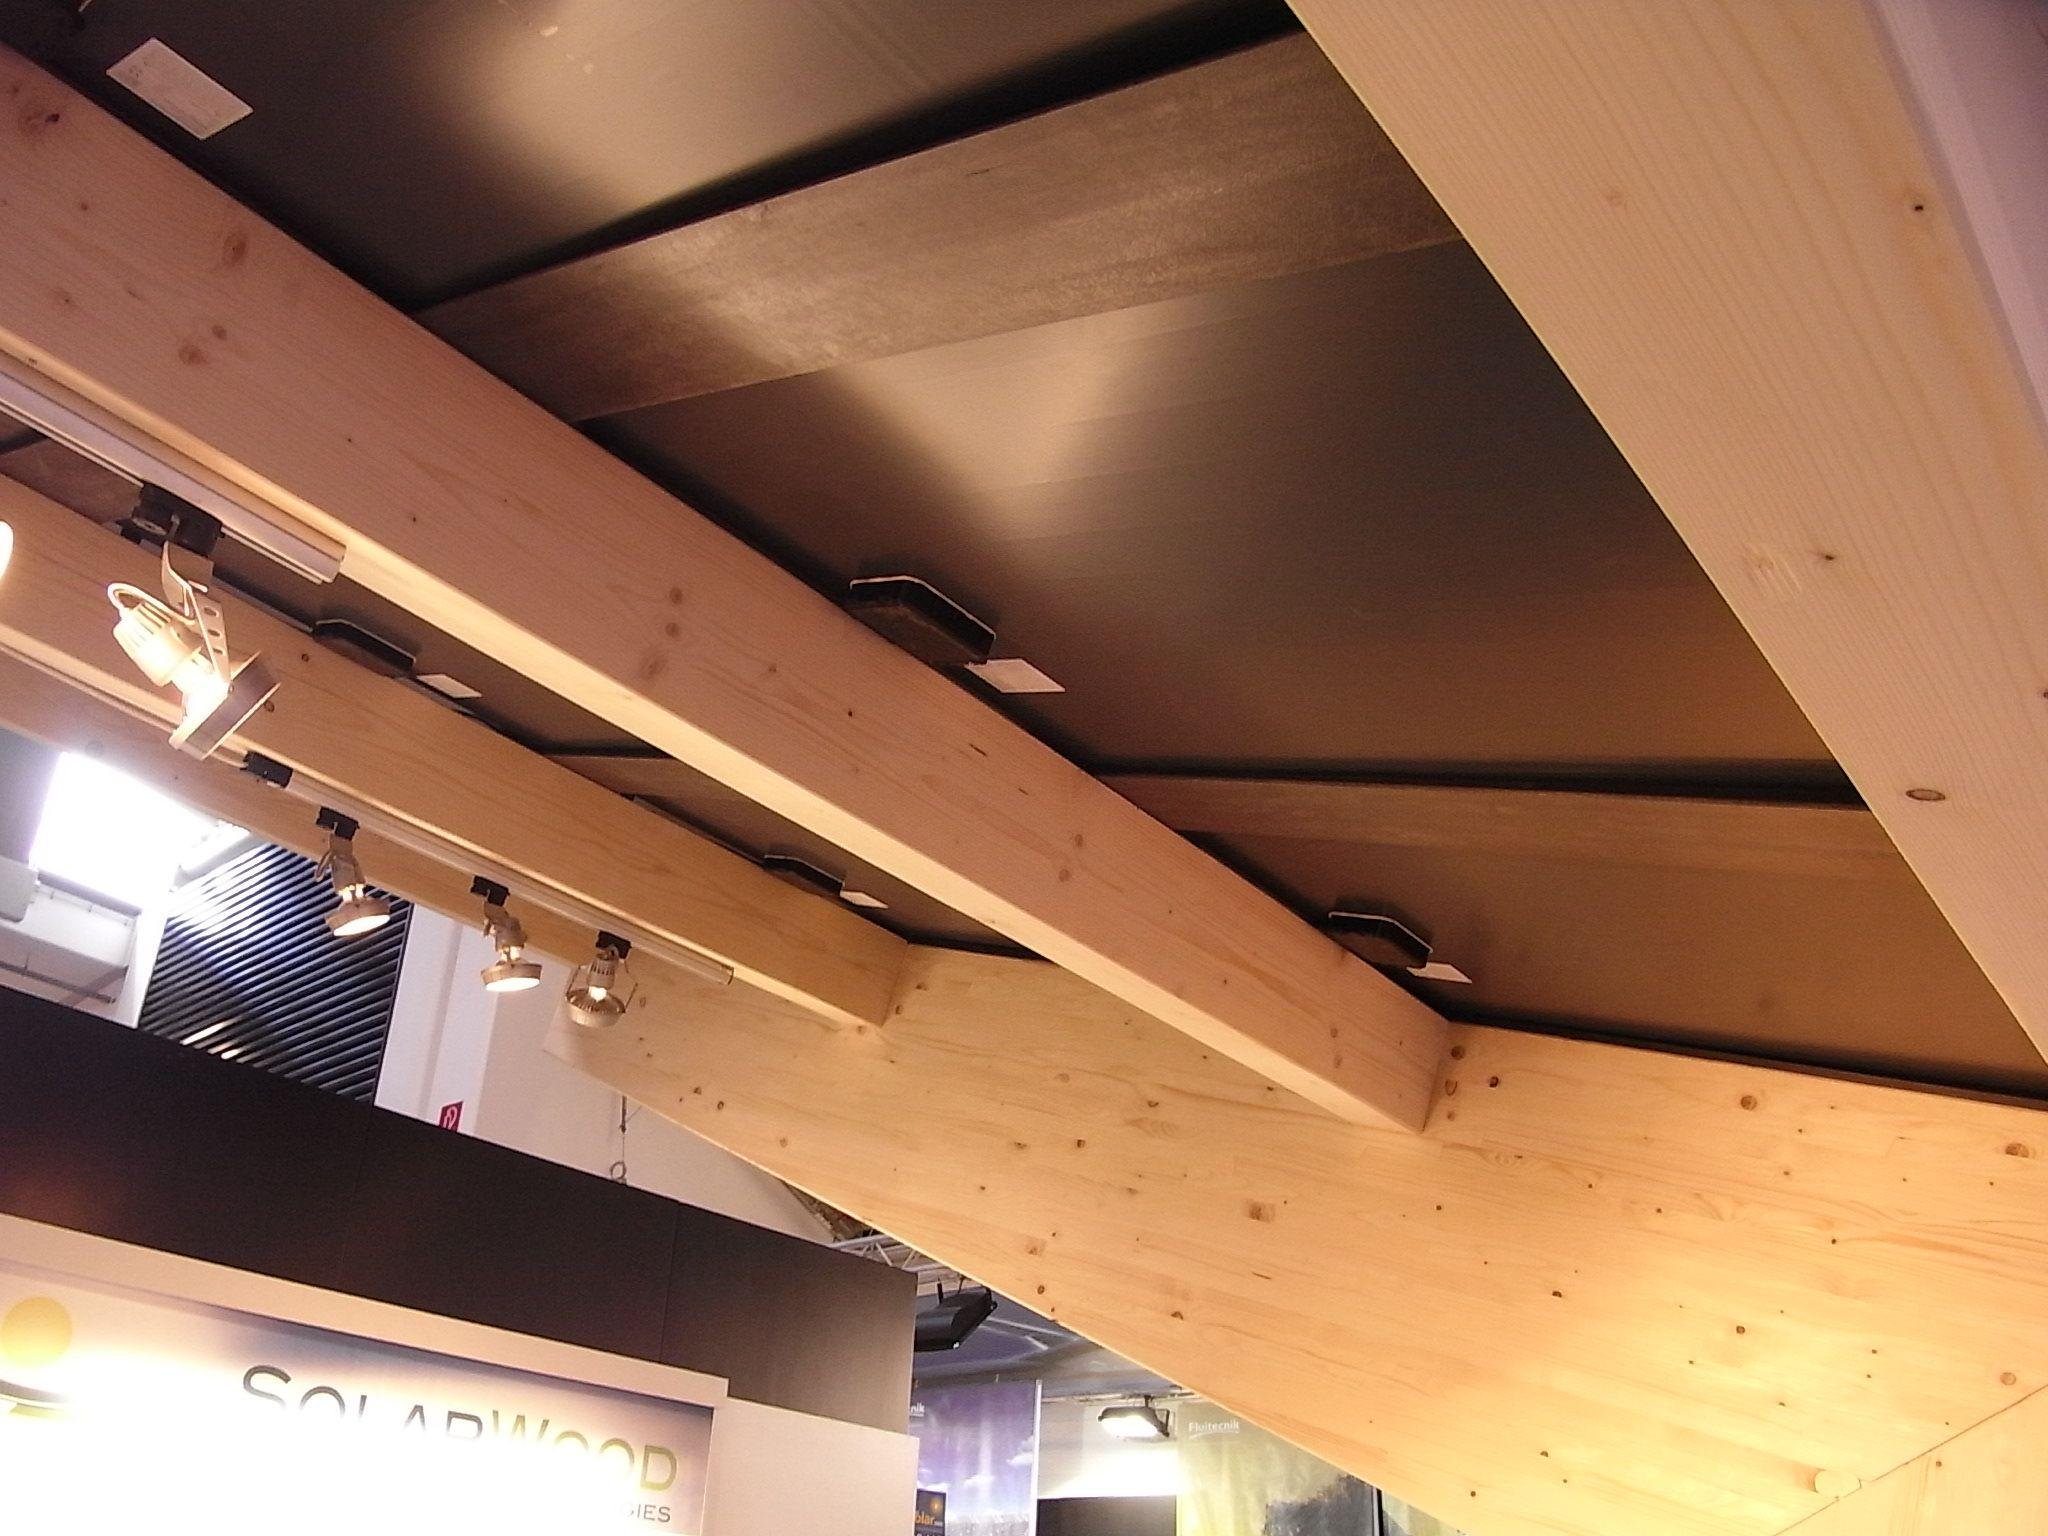 Schones Licht Ohne Strom Wir Zeigen 3 Alternative Lichtquellen Kellerbeleuchtung Bad Einrichten Deko